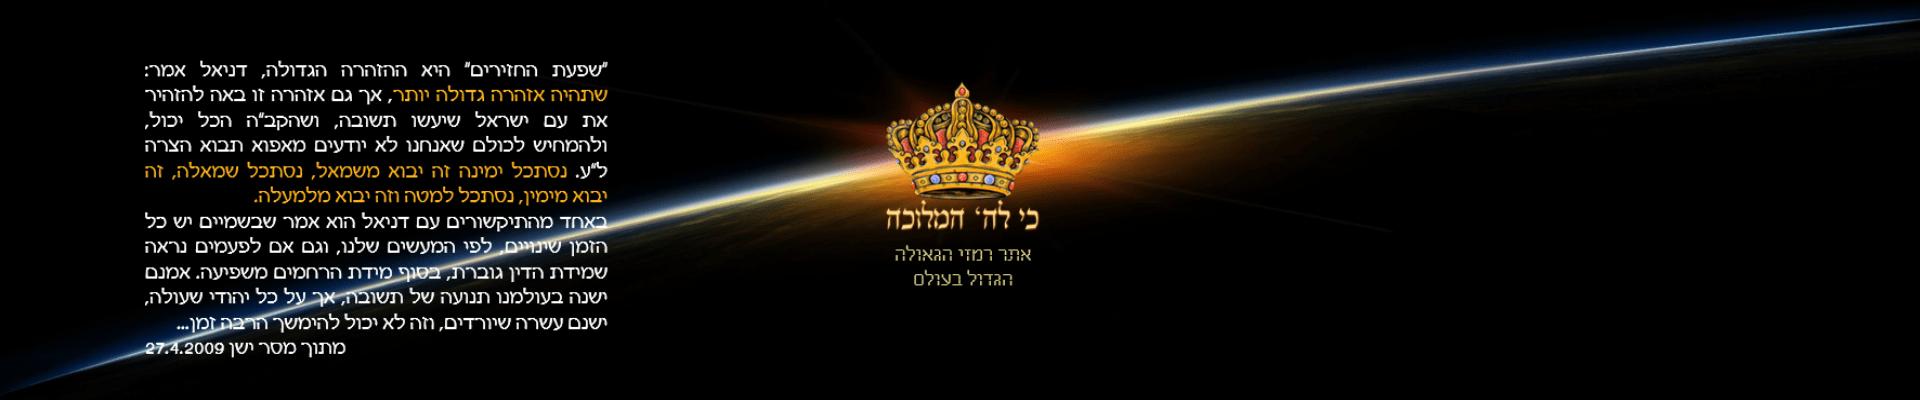 """תגית: דרכי הצניעות ומנהגי ישראל ע""""פ חז""""ל והפוסקים"""